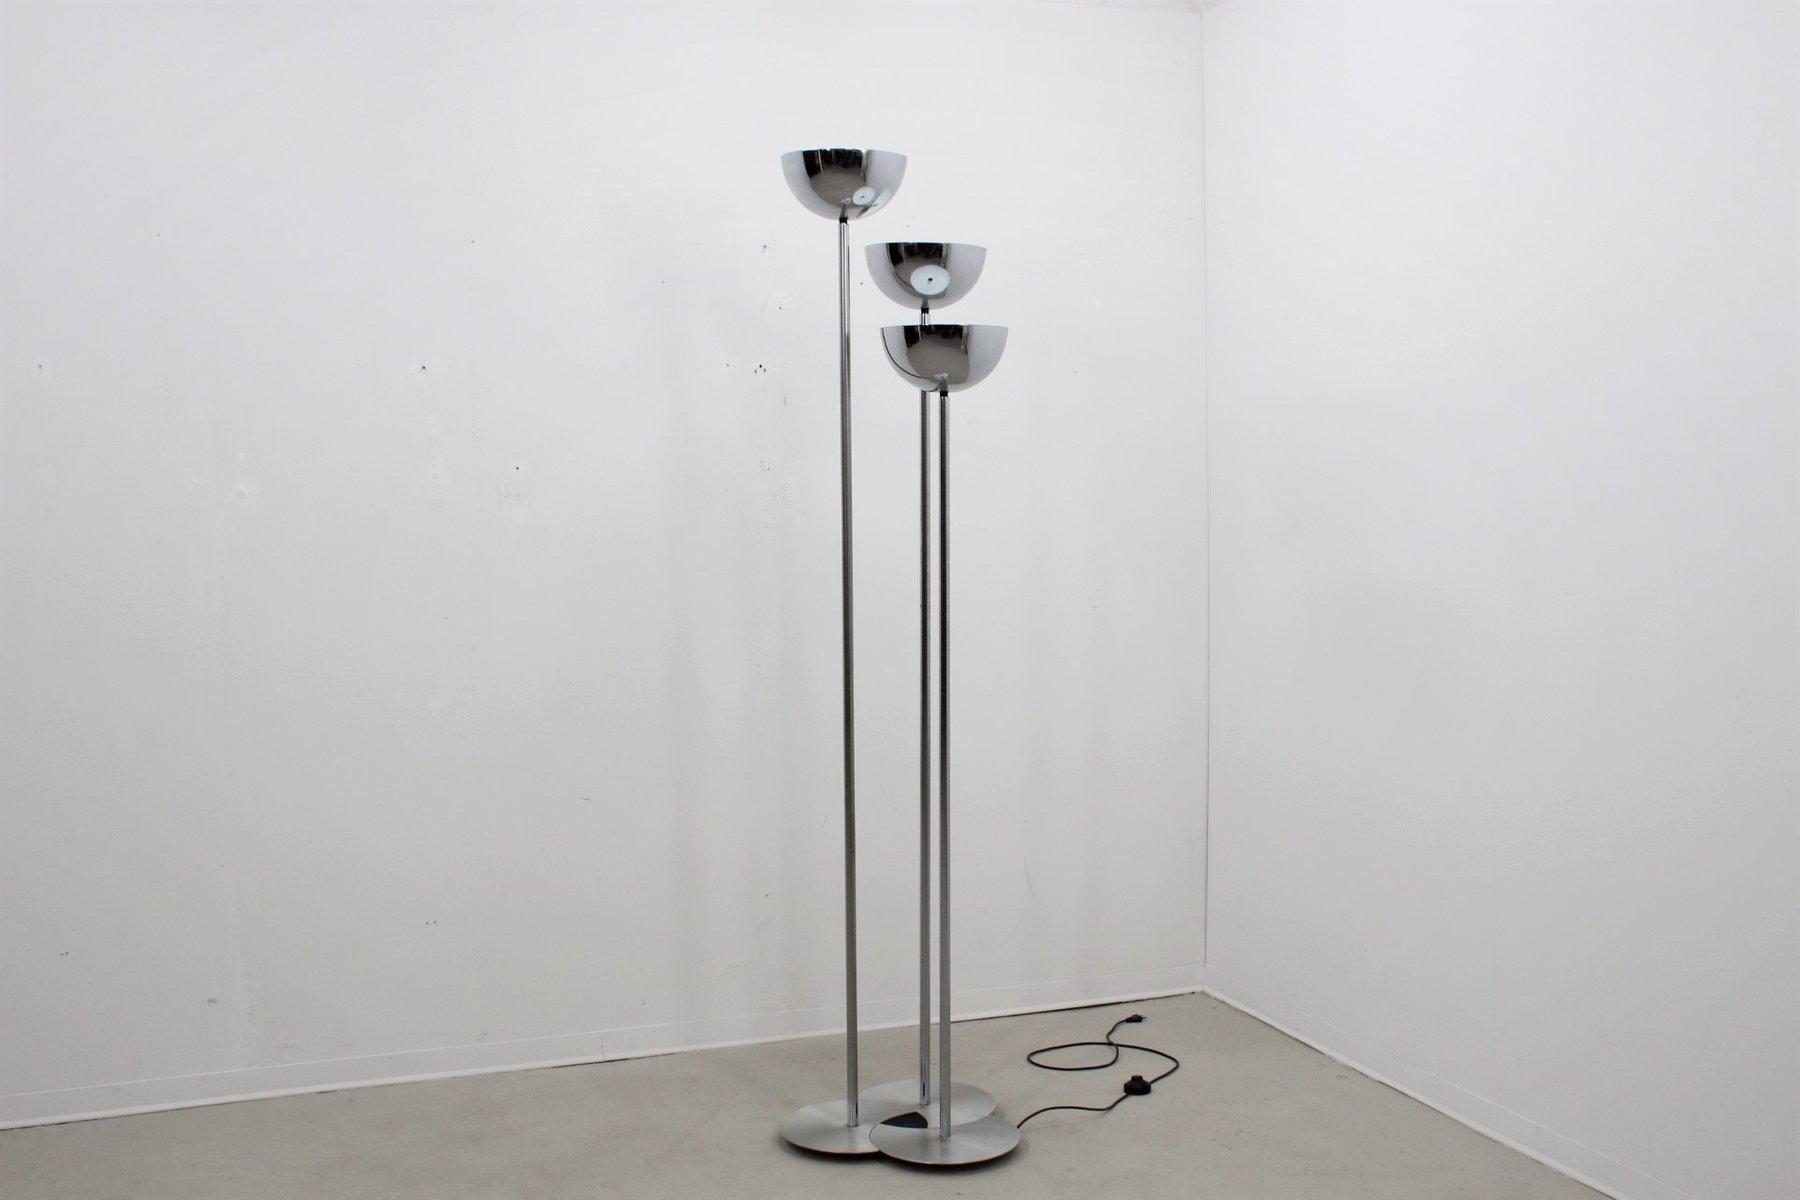 3-armige Vintage Stehlampe von Lamperti, 1970er